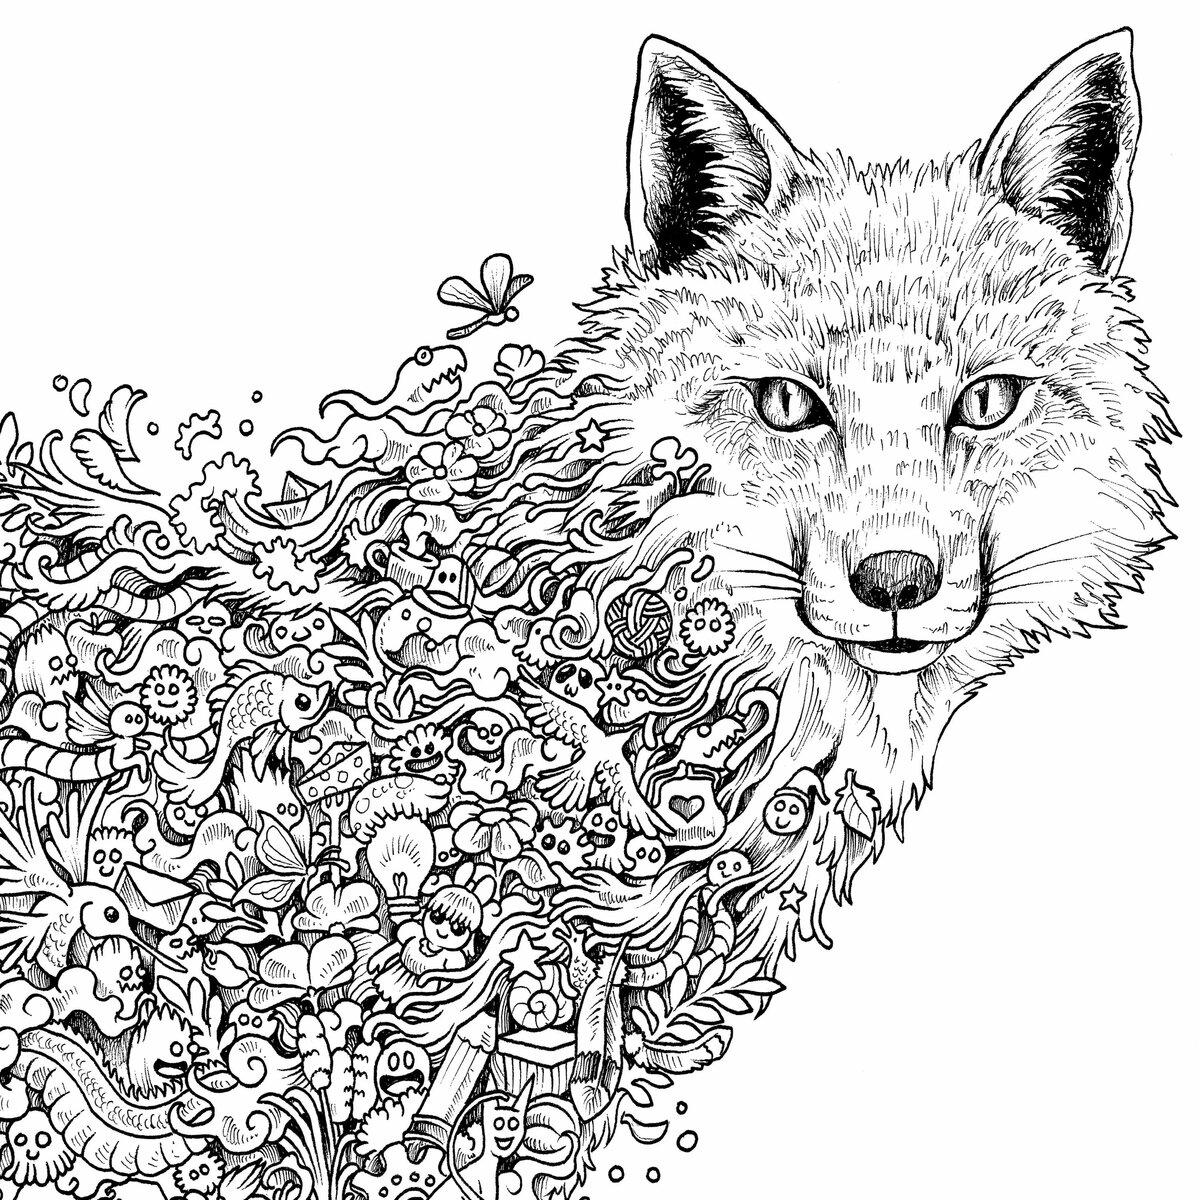 картинки животных для раскрашивания взрослым профессиональный творческий